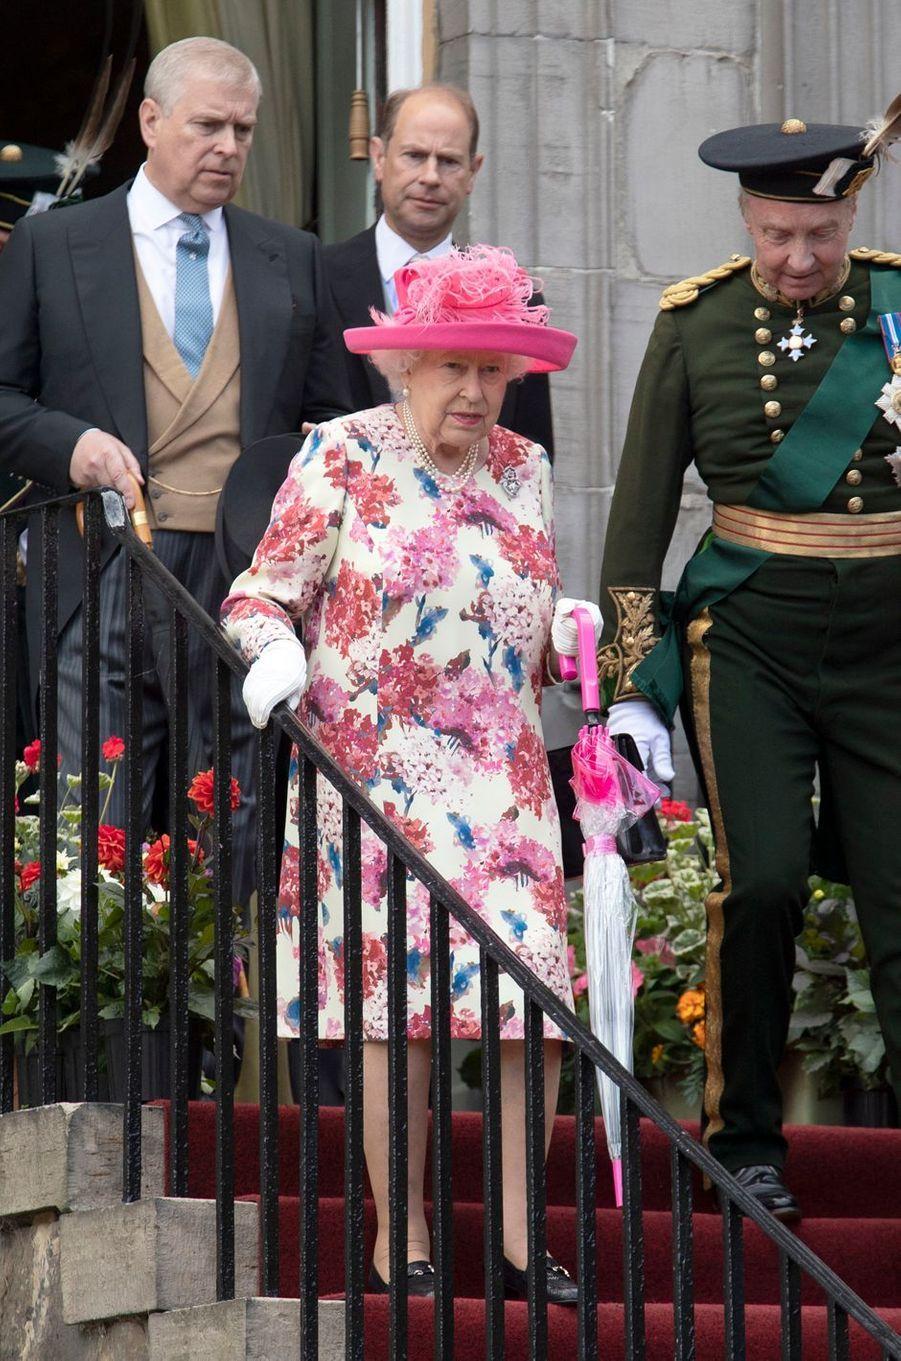 La reine Elizabeth II avec ses fils les princes Andrew et Edward à Edimbourg en Ecosse, le 4 juillet 2018